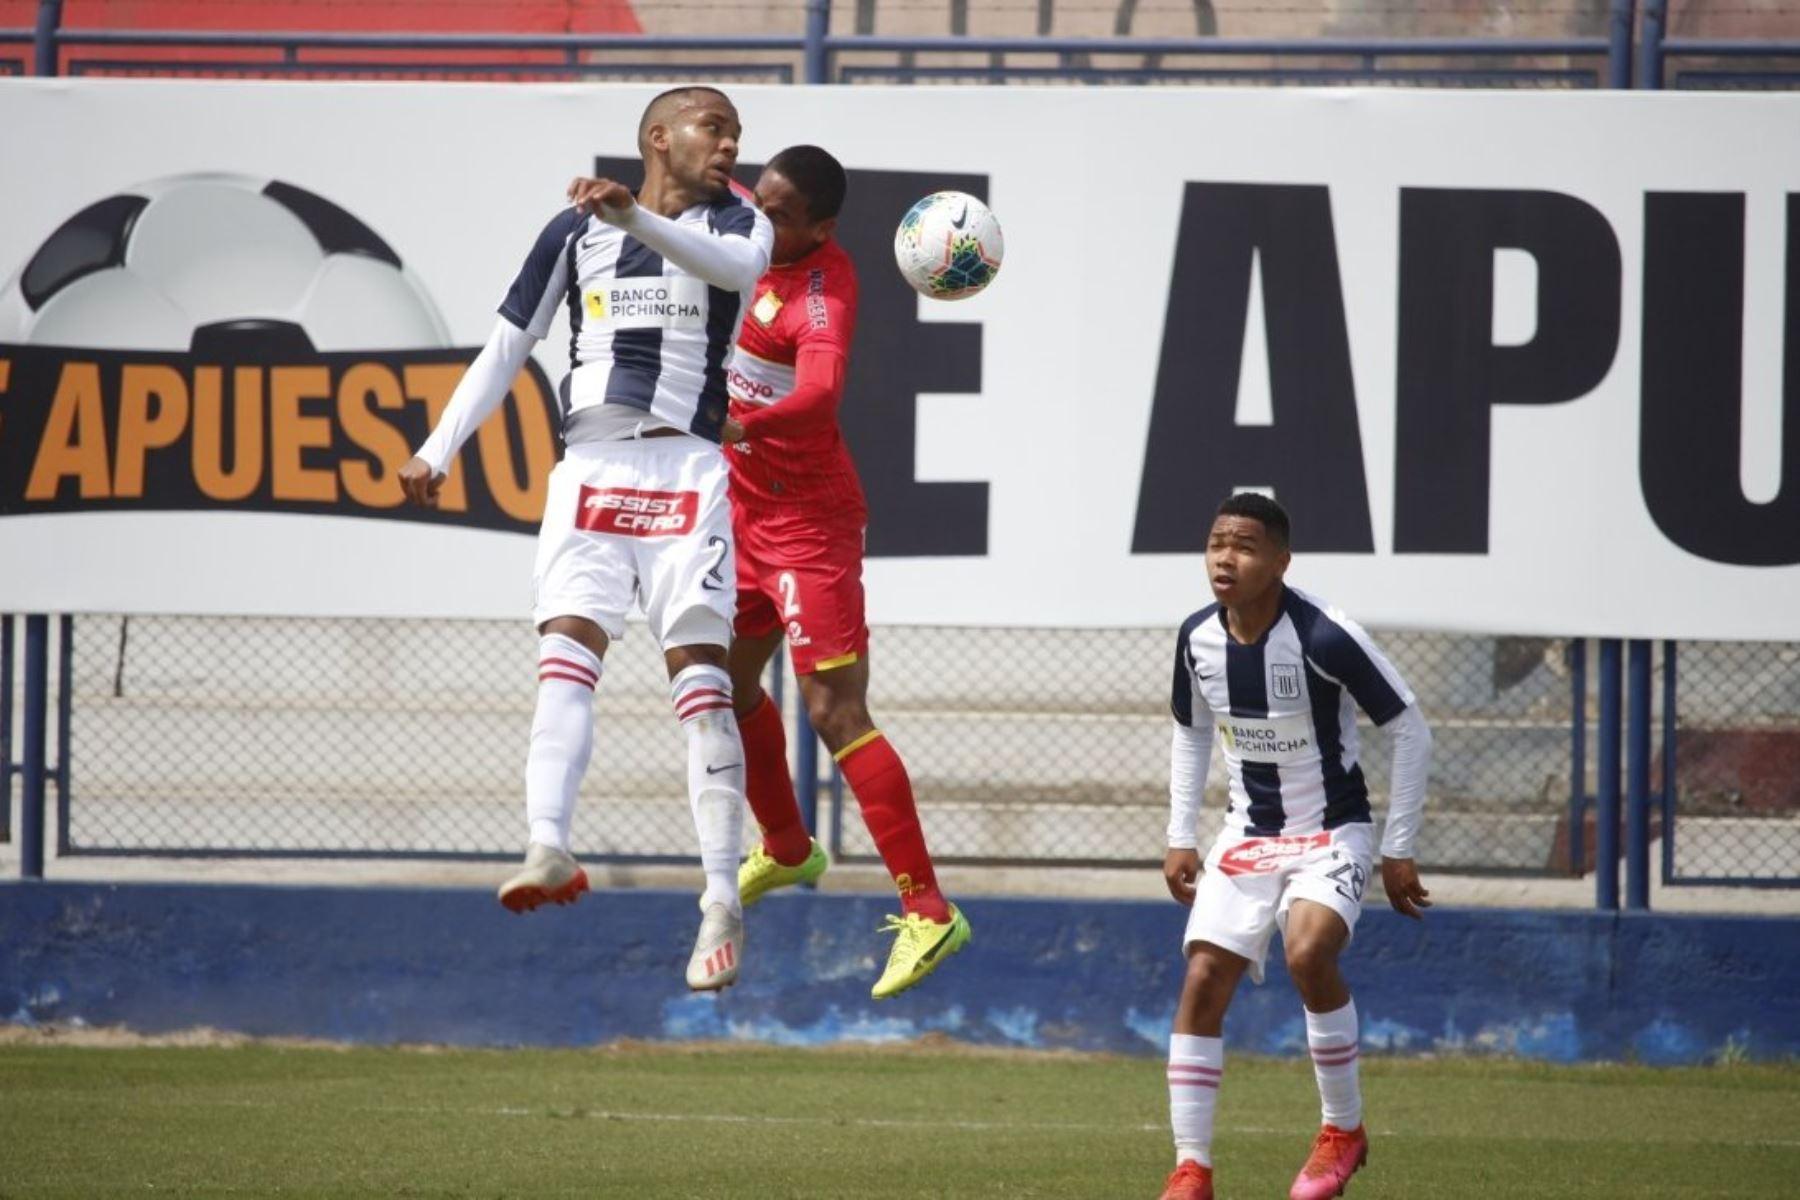 El futbolista H. Salazar de Alianza Lima se enfrenta por el balón ante H. Angeles de Sport Huancayo durante la jornada 12 de la Liga 1, en elestadio Iván Elías Moreno de Villa El Salvador. Foto: @LigaFutProf